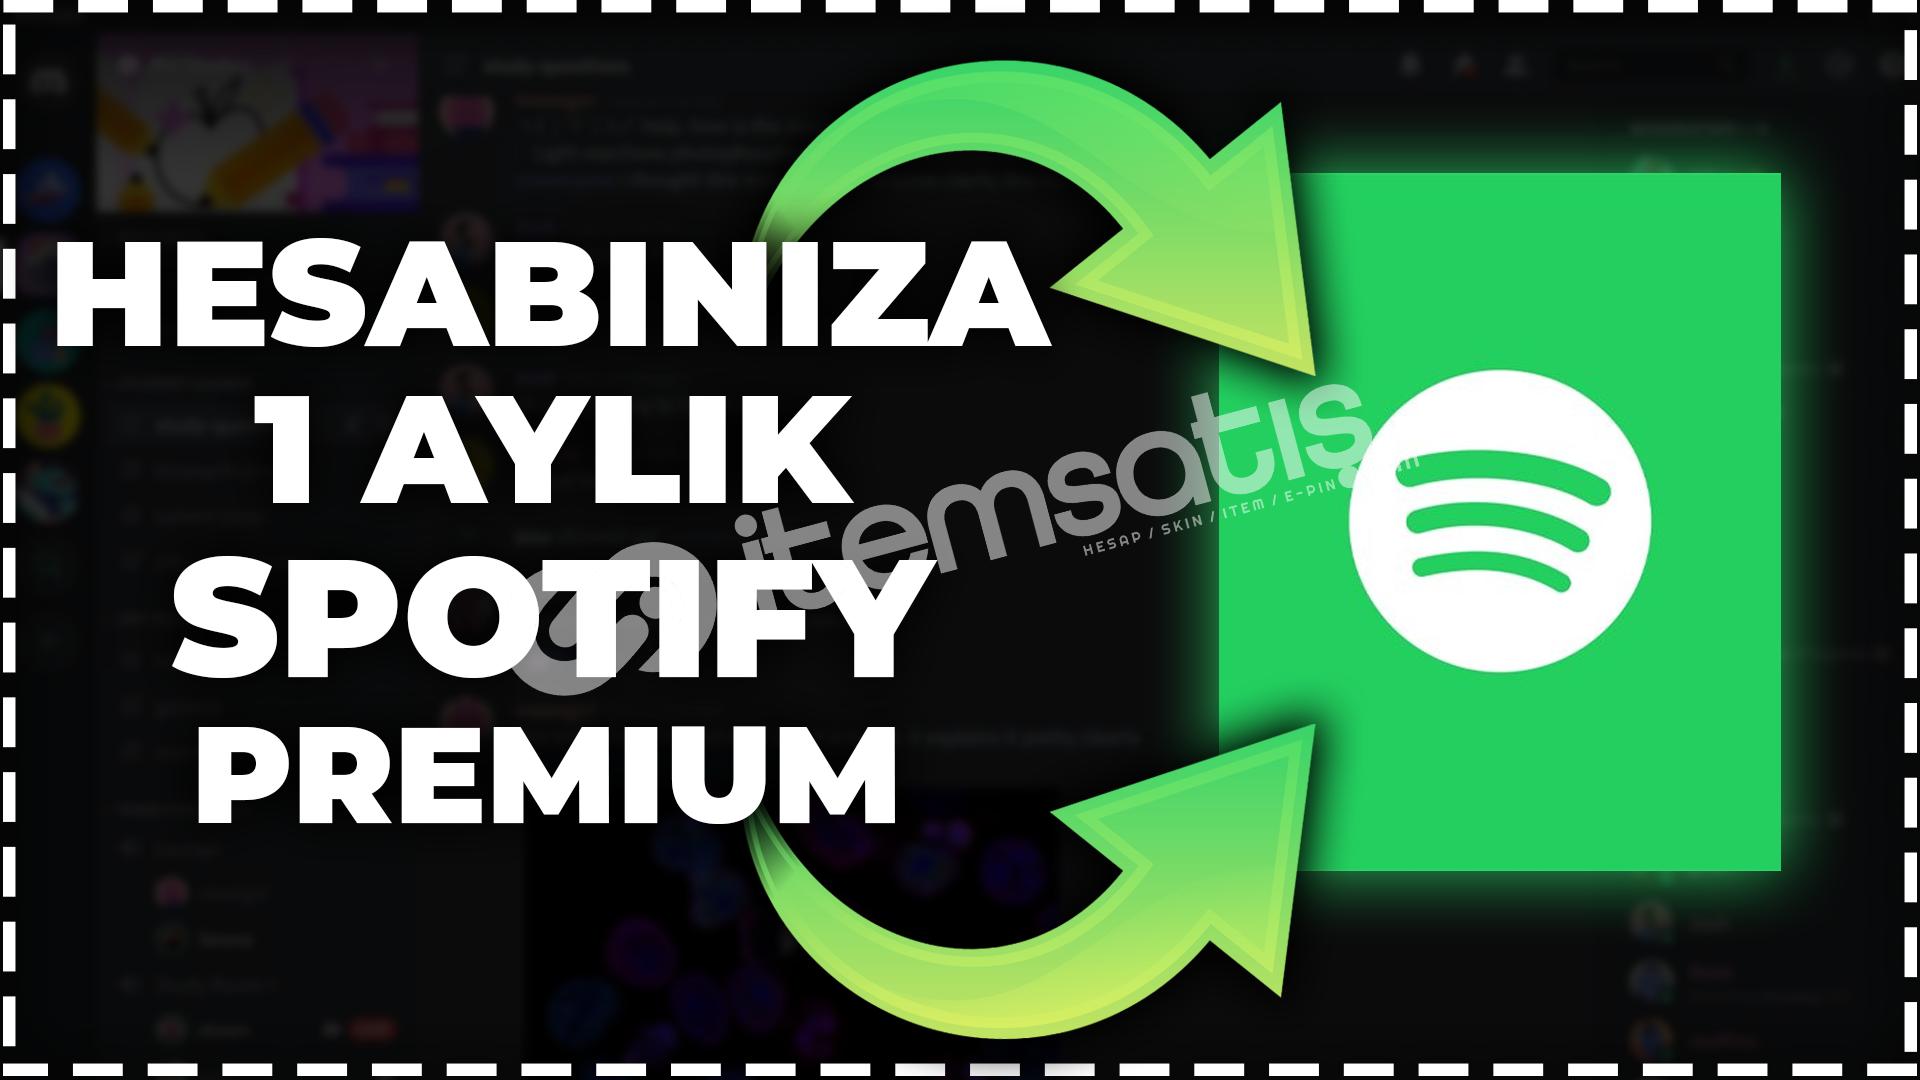 Hesabınıza 1 Aylık Spotify Premium!